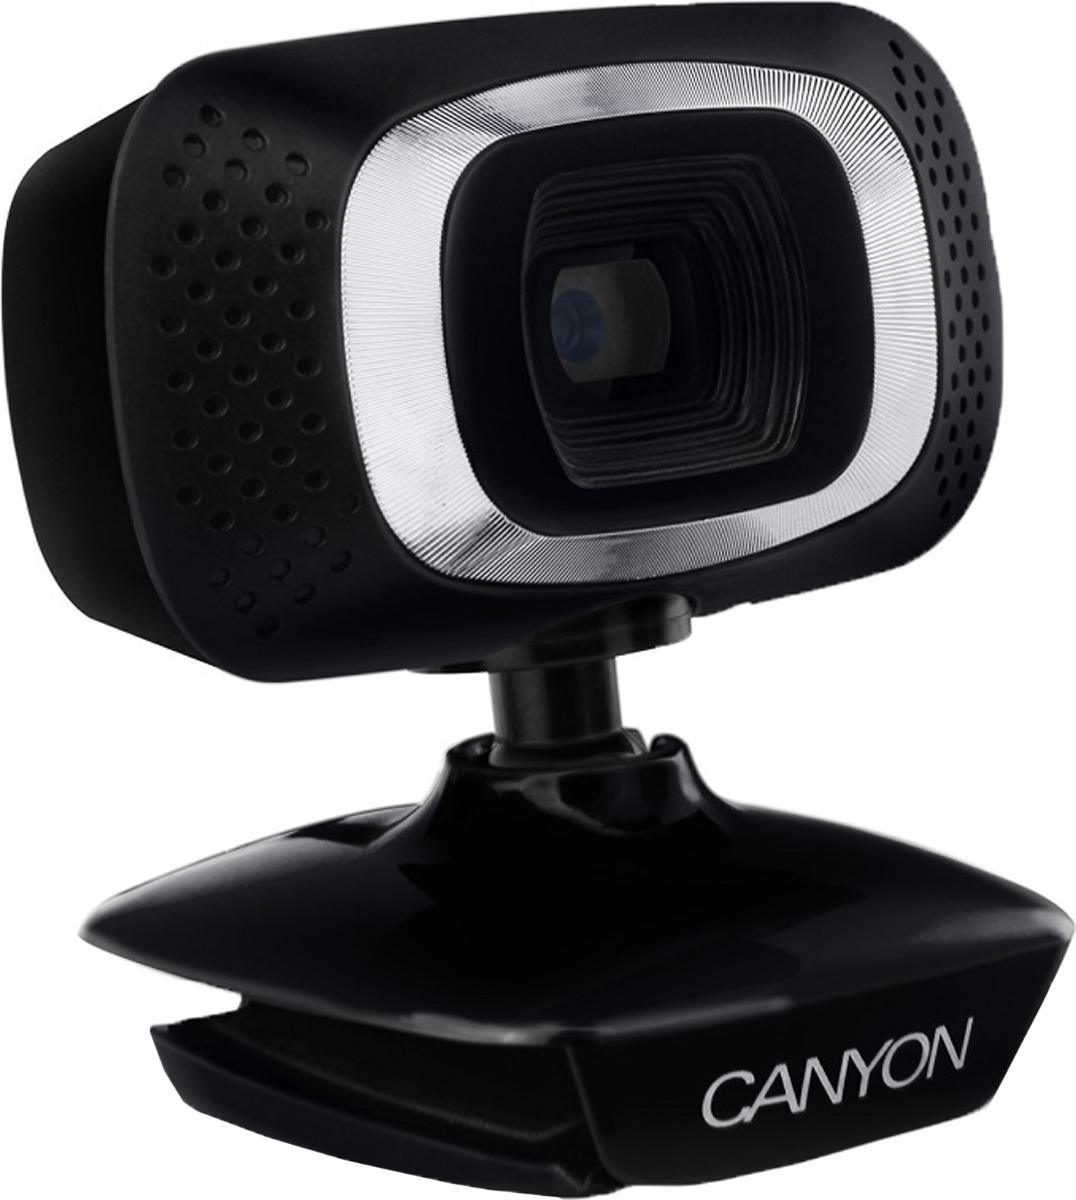 все цены на Canyon CNE-CWC3 веб-камера